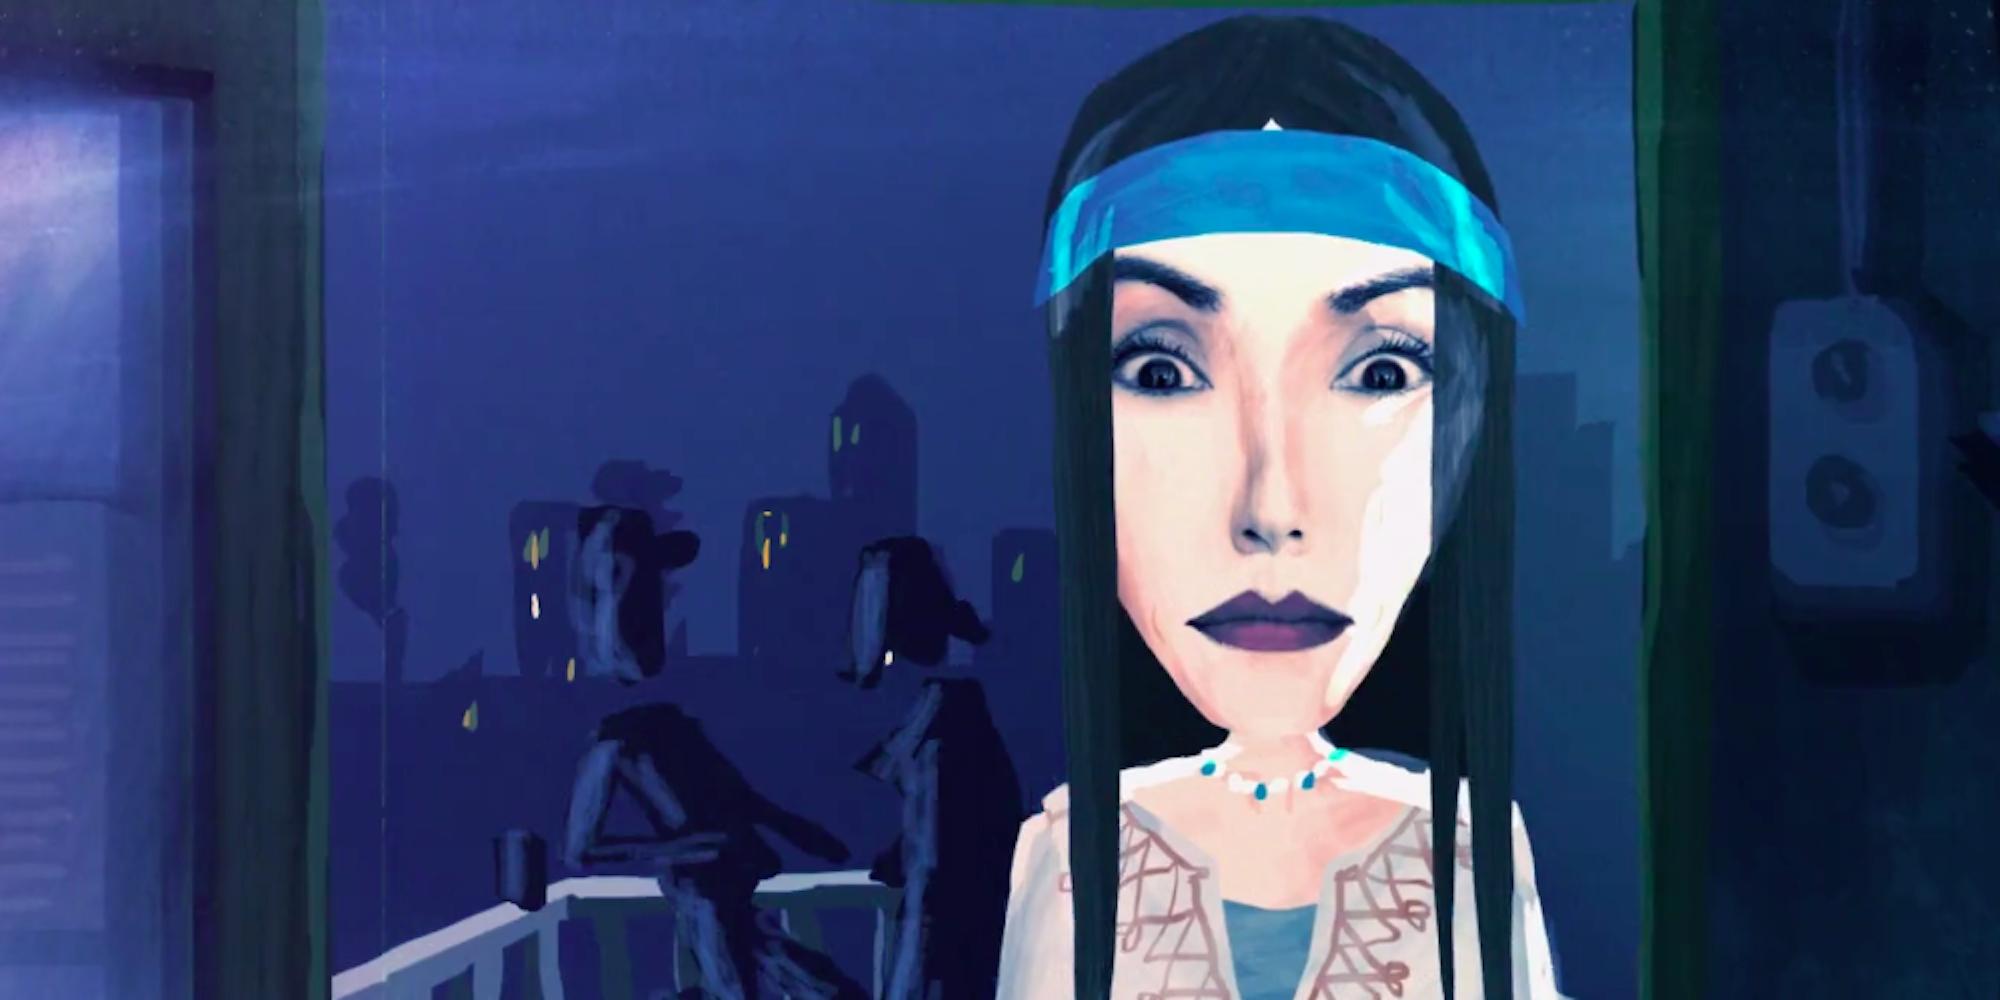 Animert bilde av kvinne med sort hår og blått pannebånd. Animasjon.